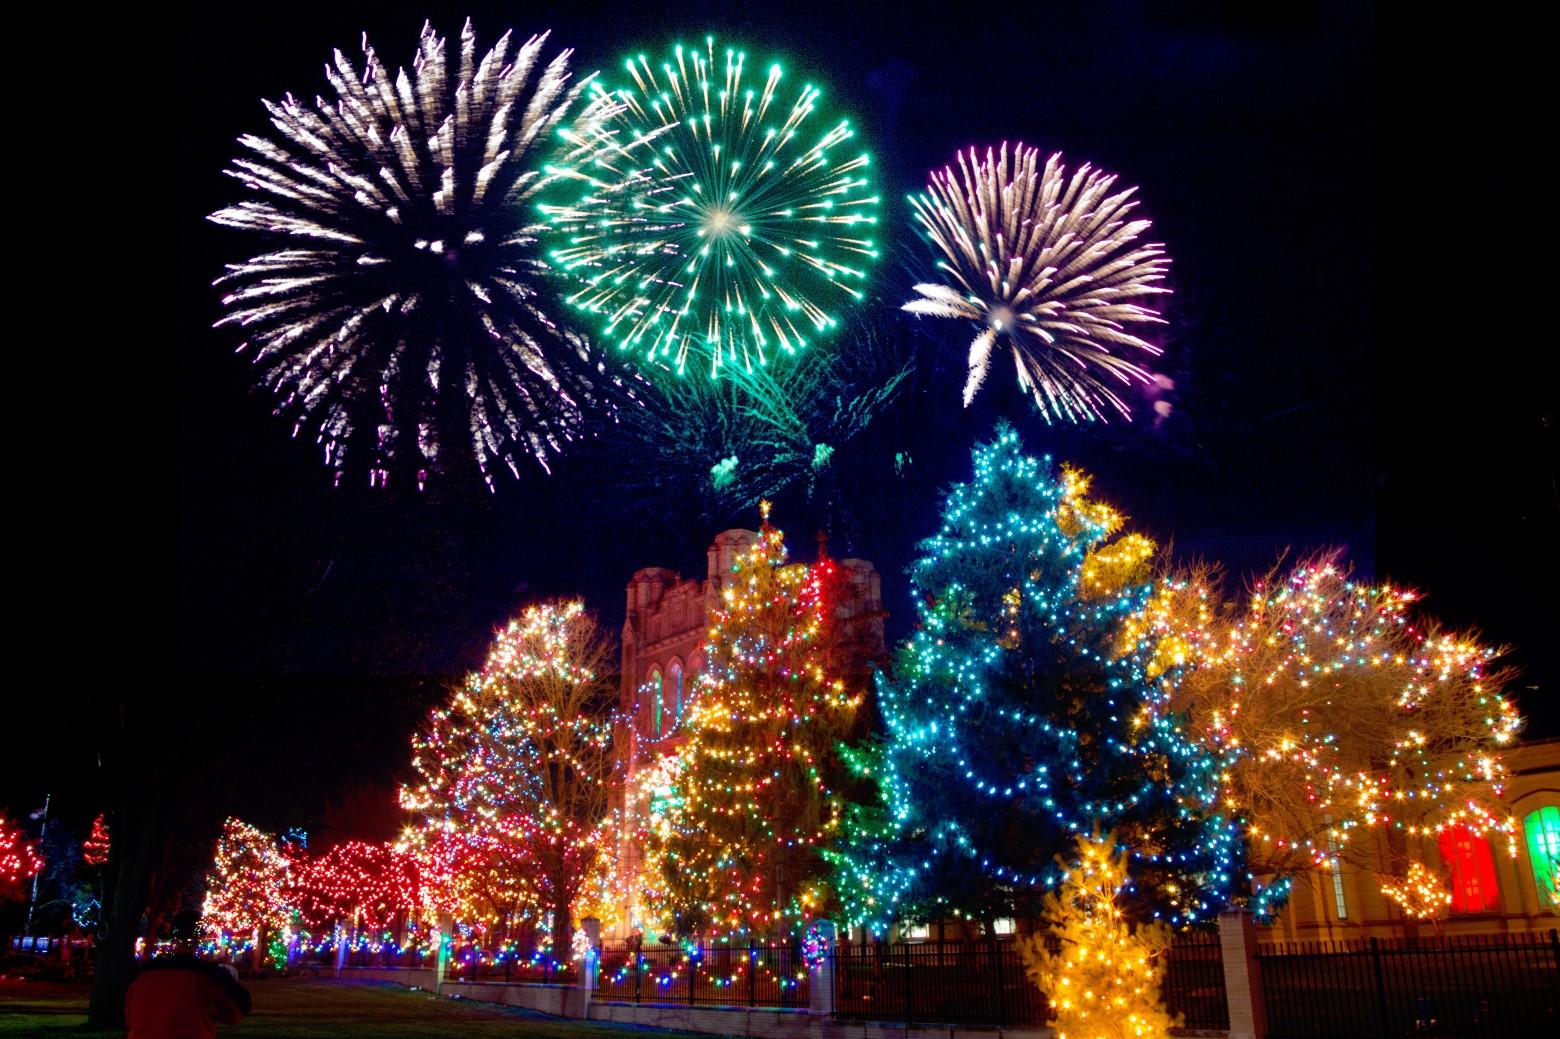 images de noel gratuites à télécharger fête de noel sapin feu d' artifice nuit nouvel an photos gratuites  images de noel gratuites à télécharger